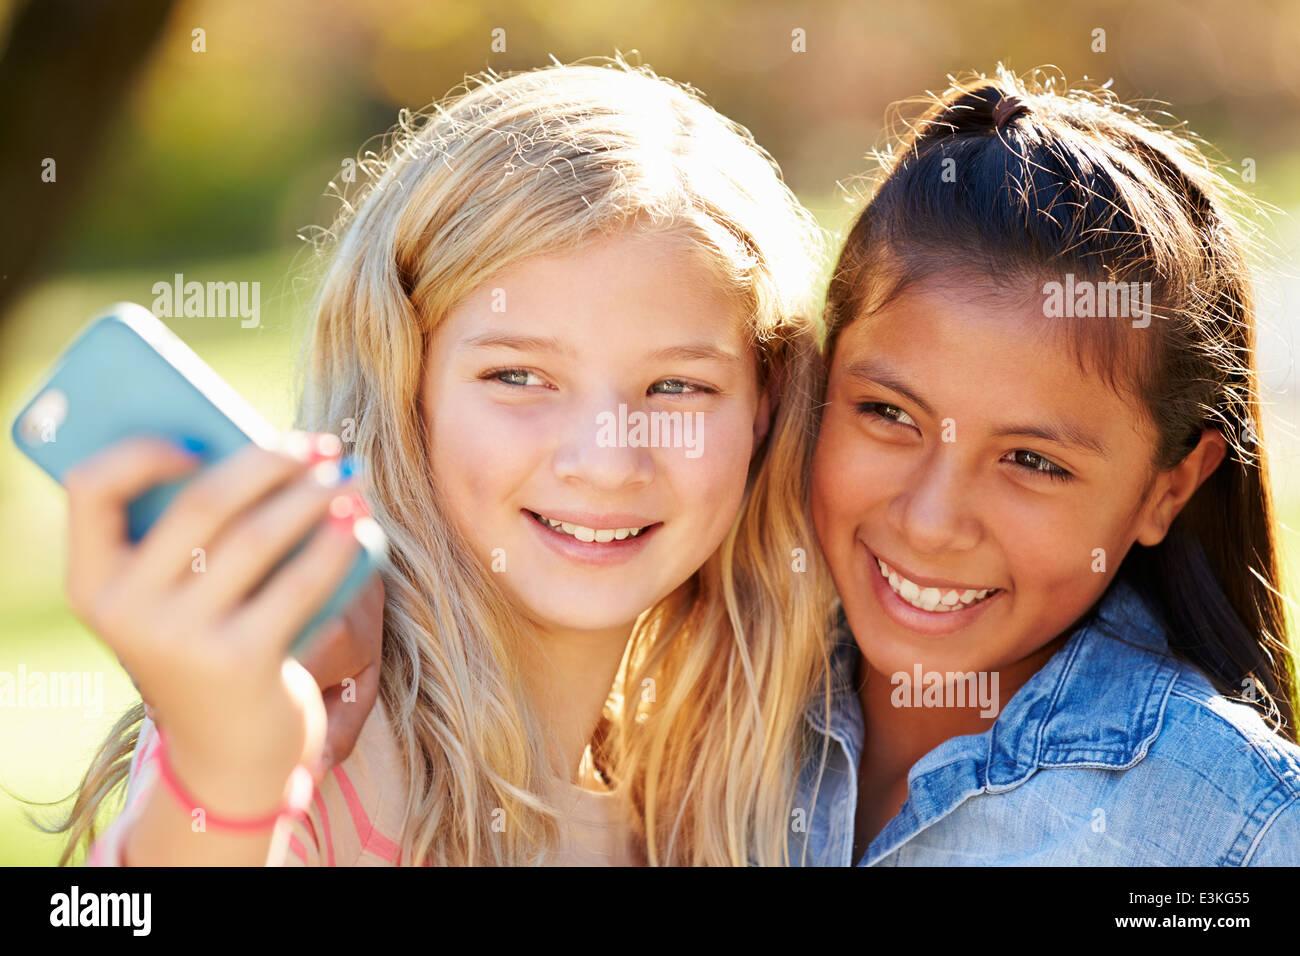 Zwei Mädchen, die die Selfie mit Handy Stockfoto